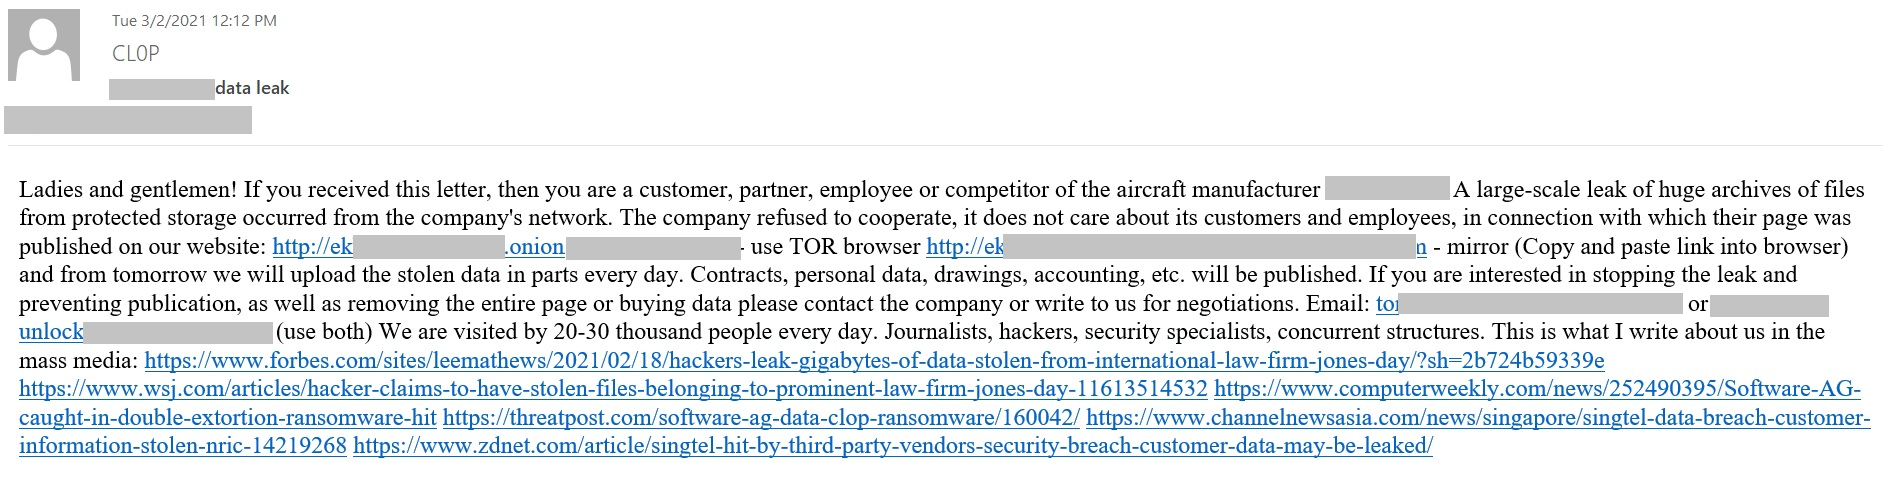 L'e-mail dei criminali informatici a dipendenti, clienti, partner e concorrenza